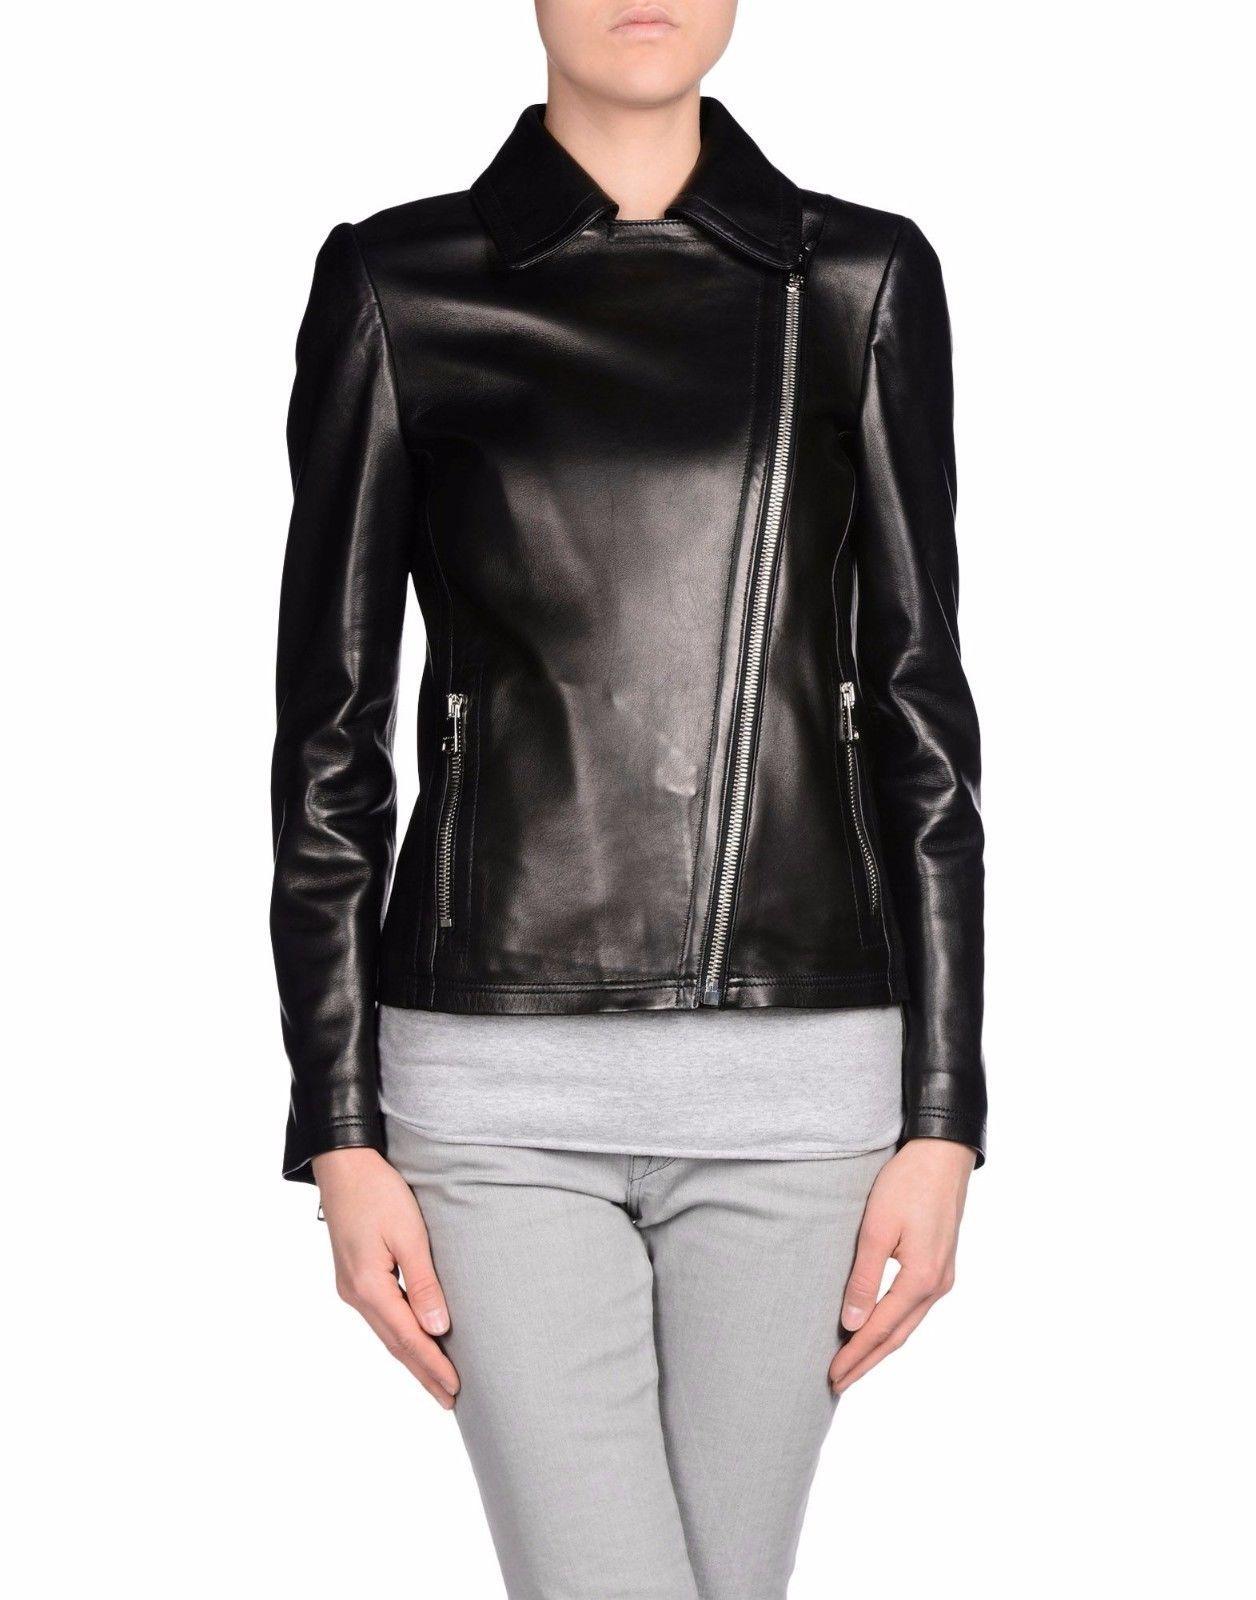 Winter Women Leather Motorcycle Women Genuine Leather Jacket Biker Jacket HL-164